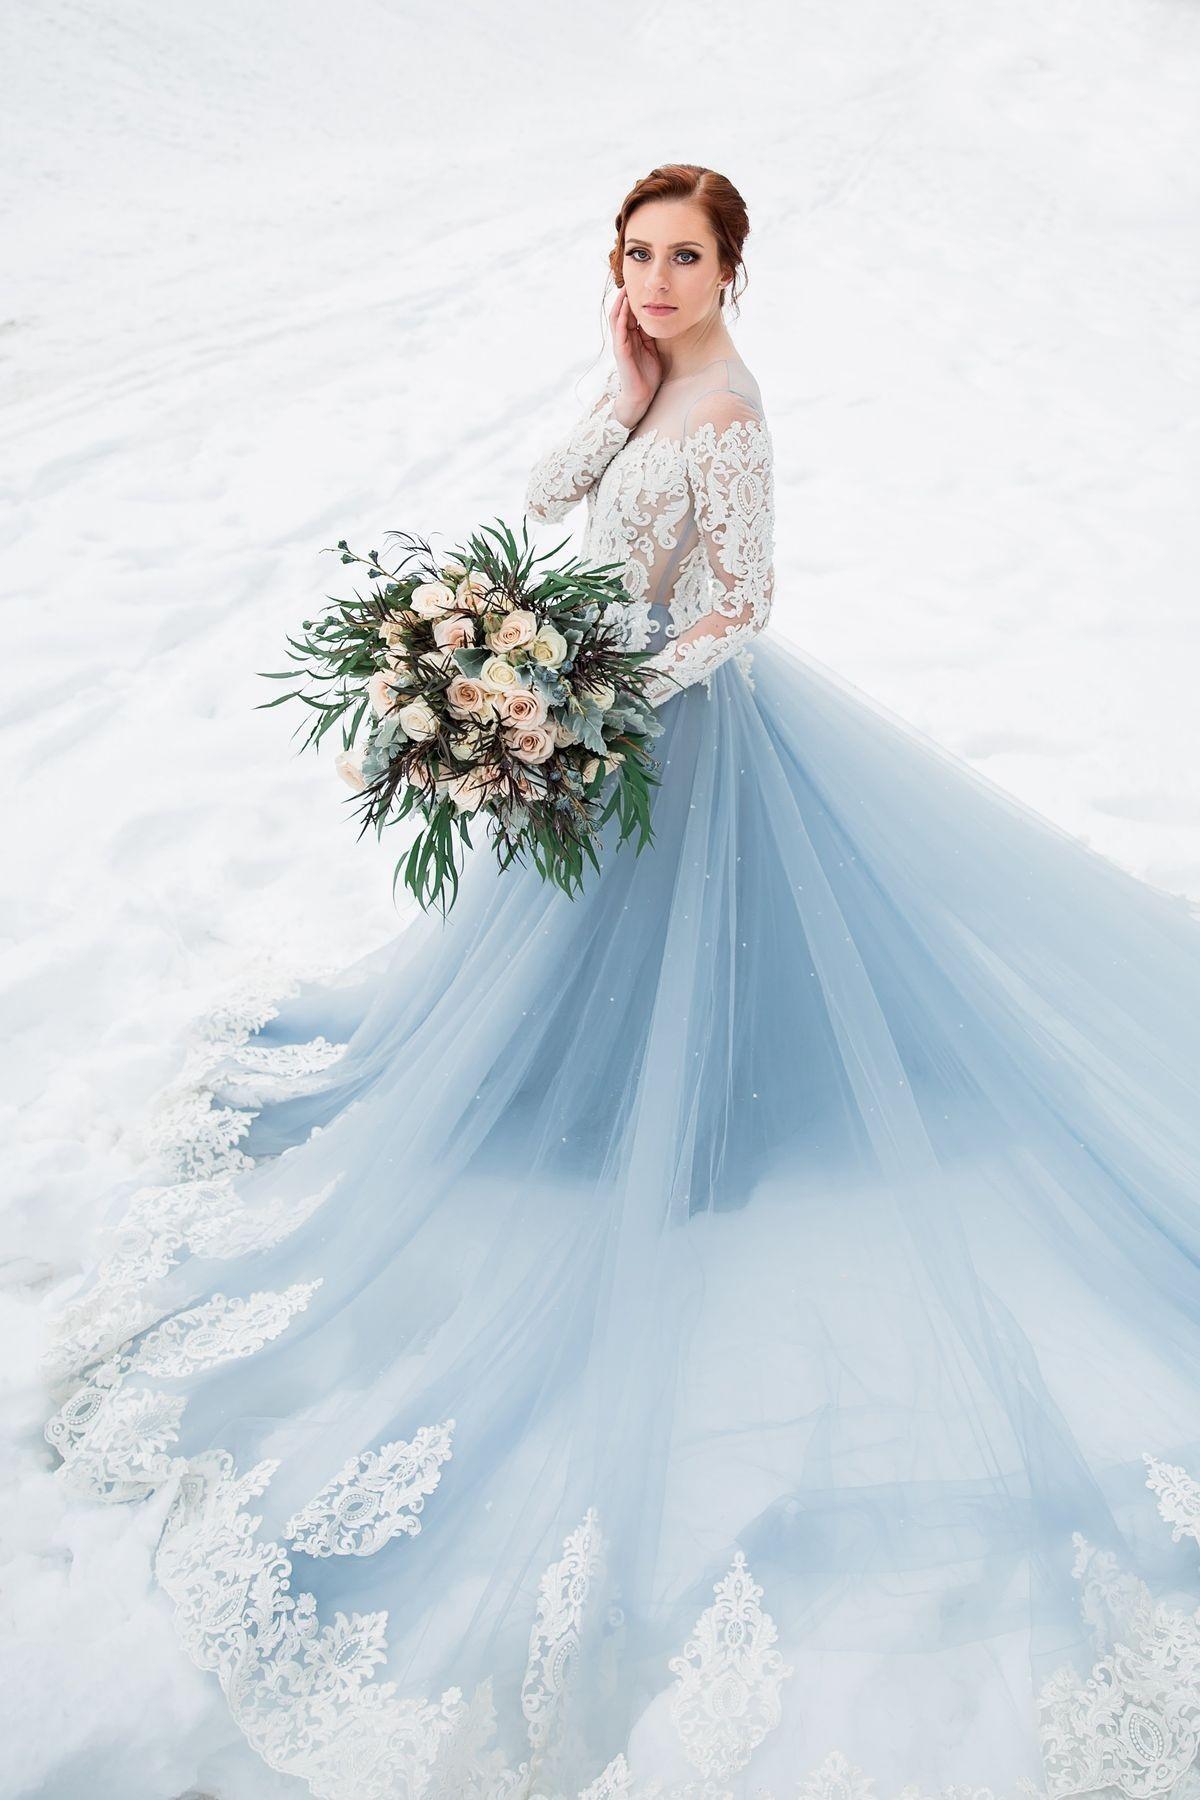 کدام رنگ لباس عروس، برای کدام تناژ رنگی پوست مناسب است؟